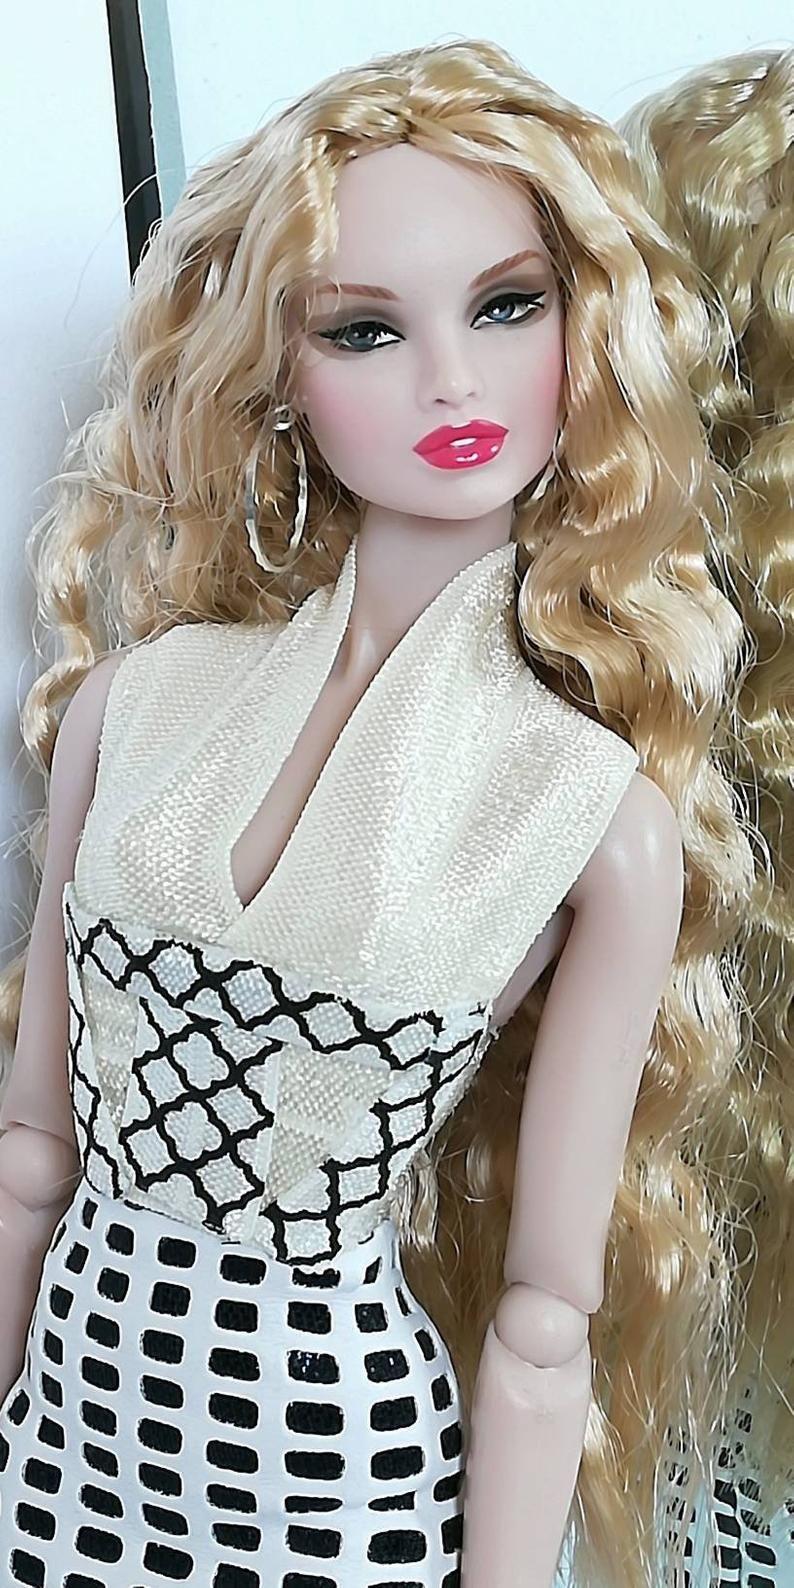 12 inch fashion doll 2 pc set